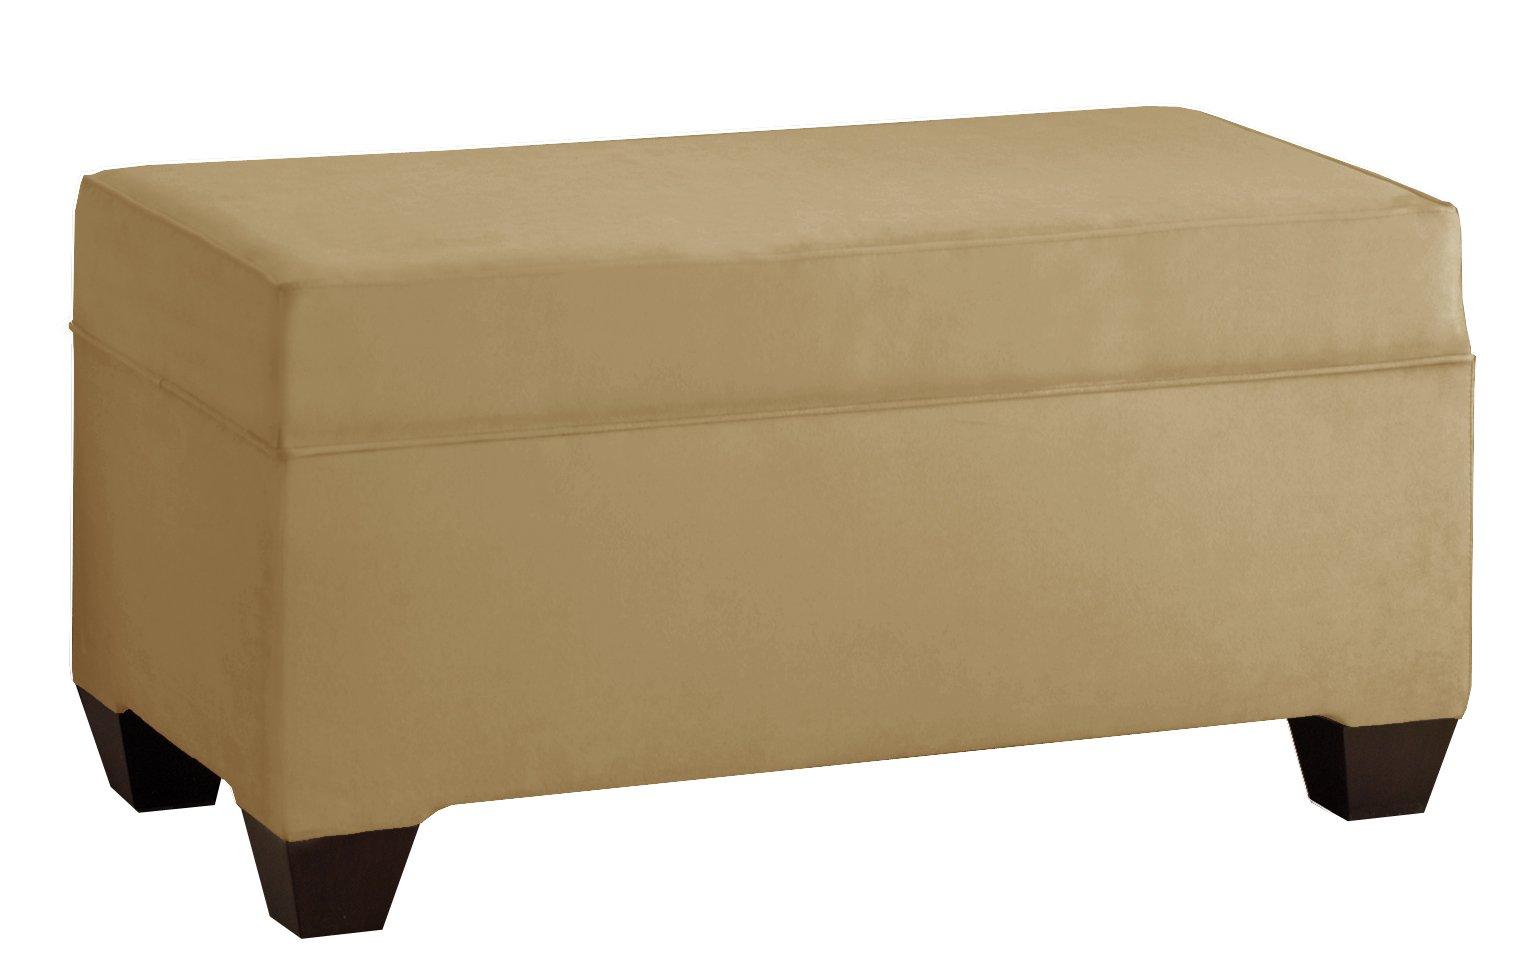 Skyline Furniture Velvet Upholstered Storage Bench, Honey